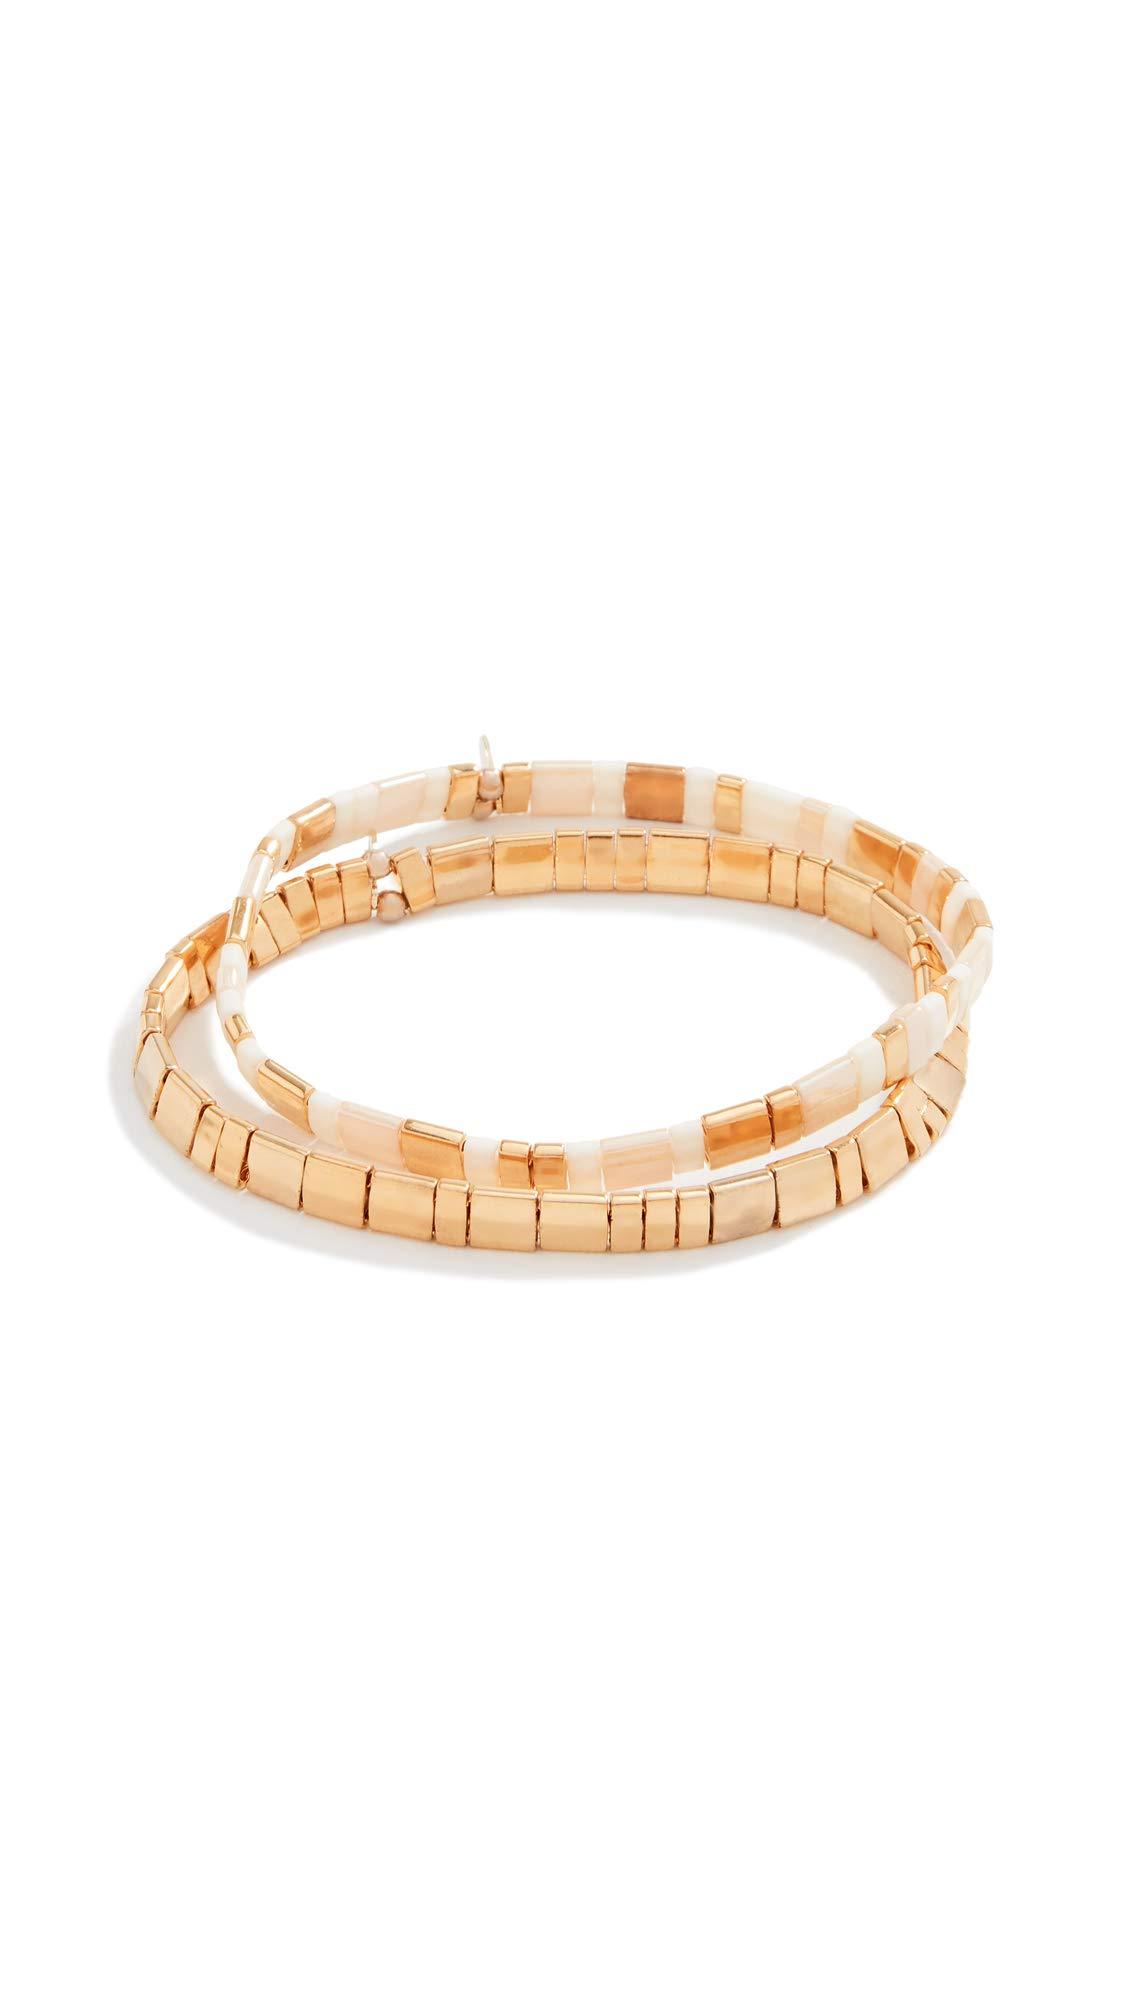 Shashi Women's Tilu Bracelet Set, Gold/Cream, One Size by SHASHI